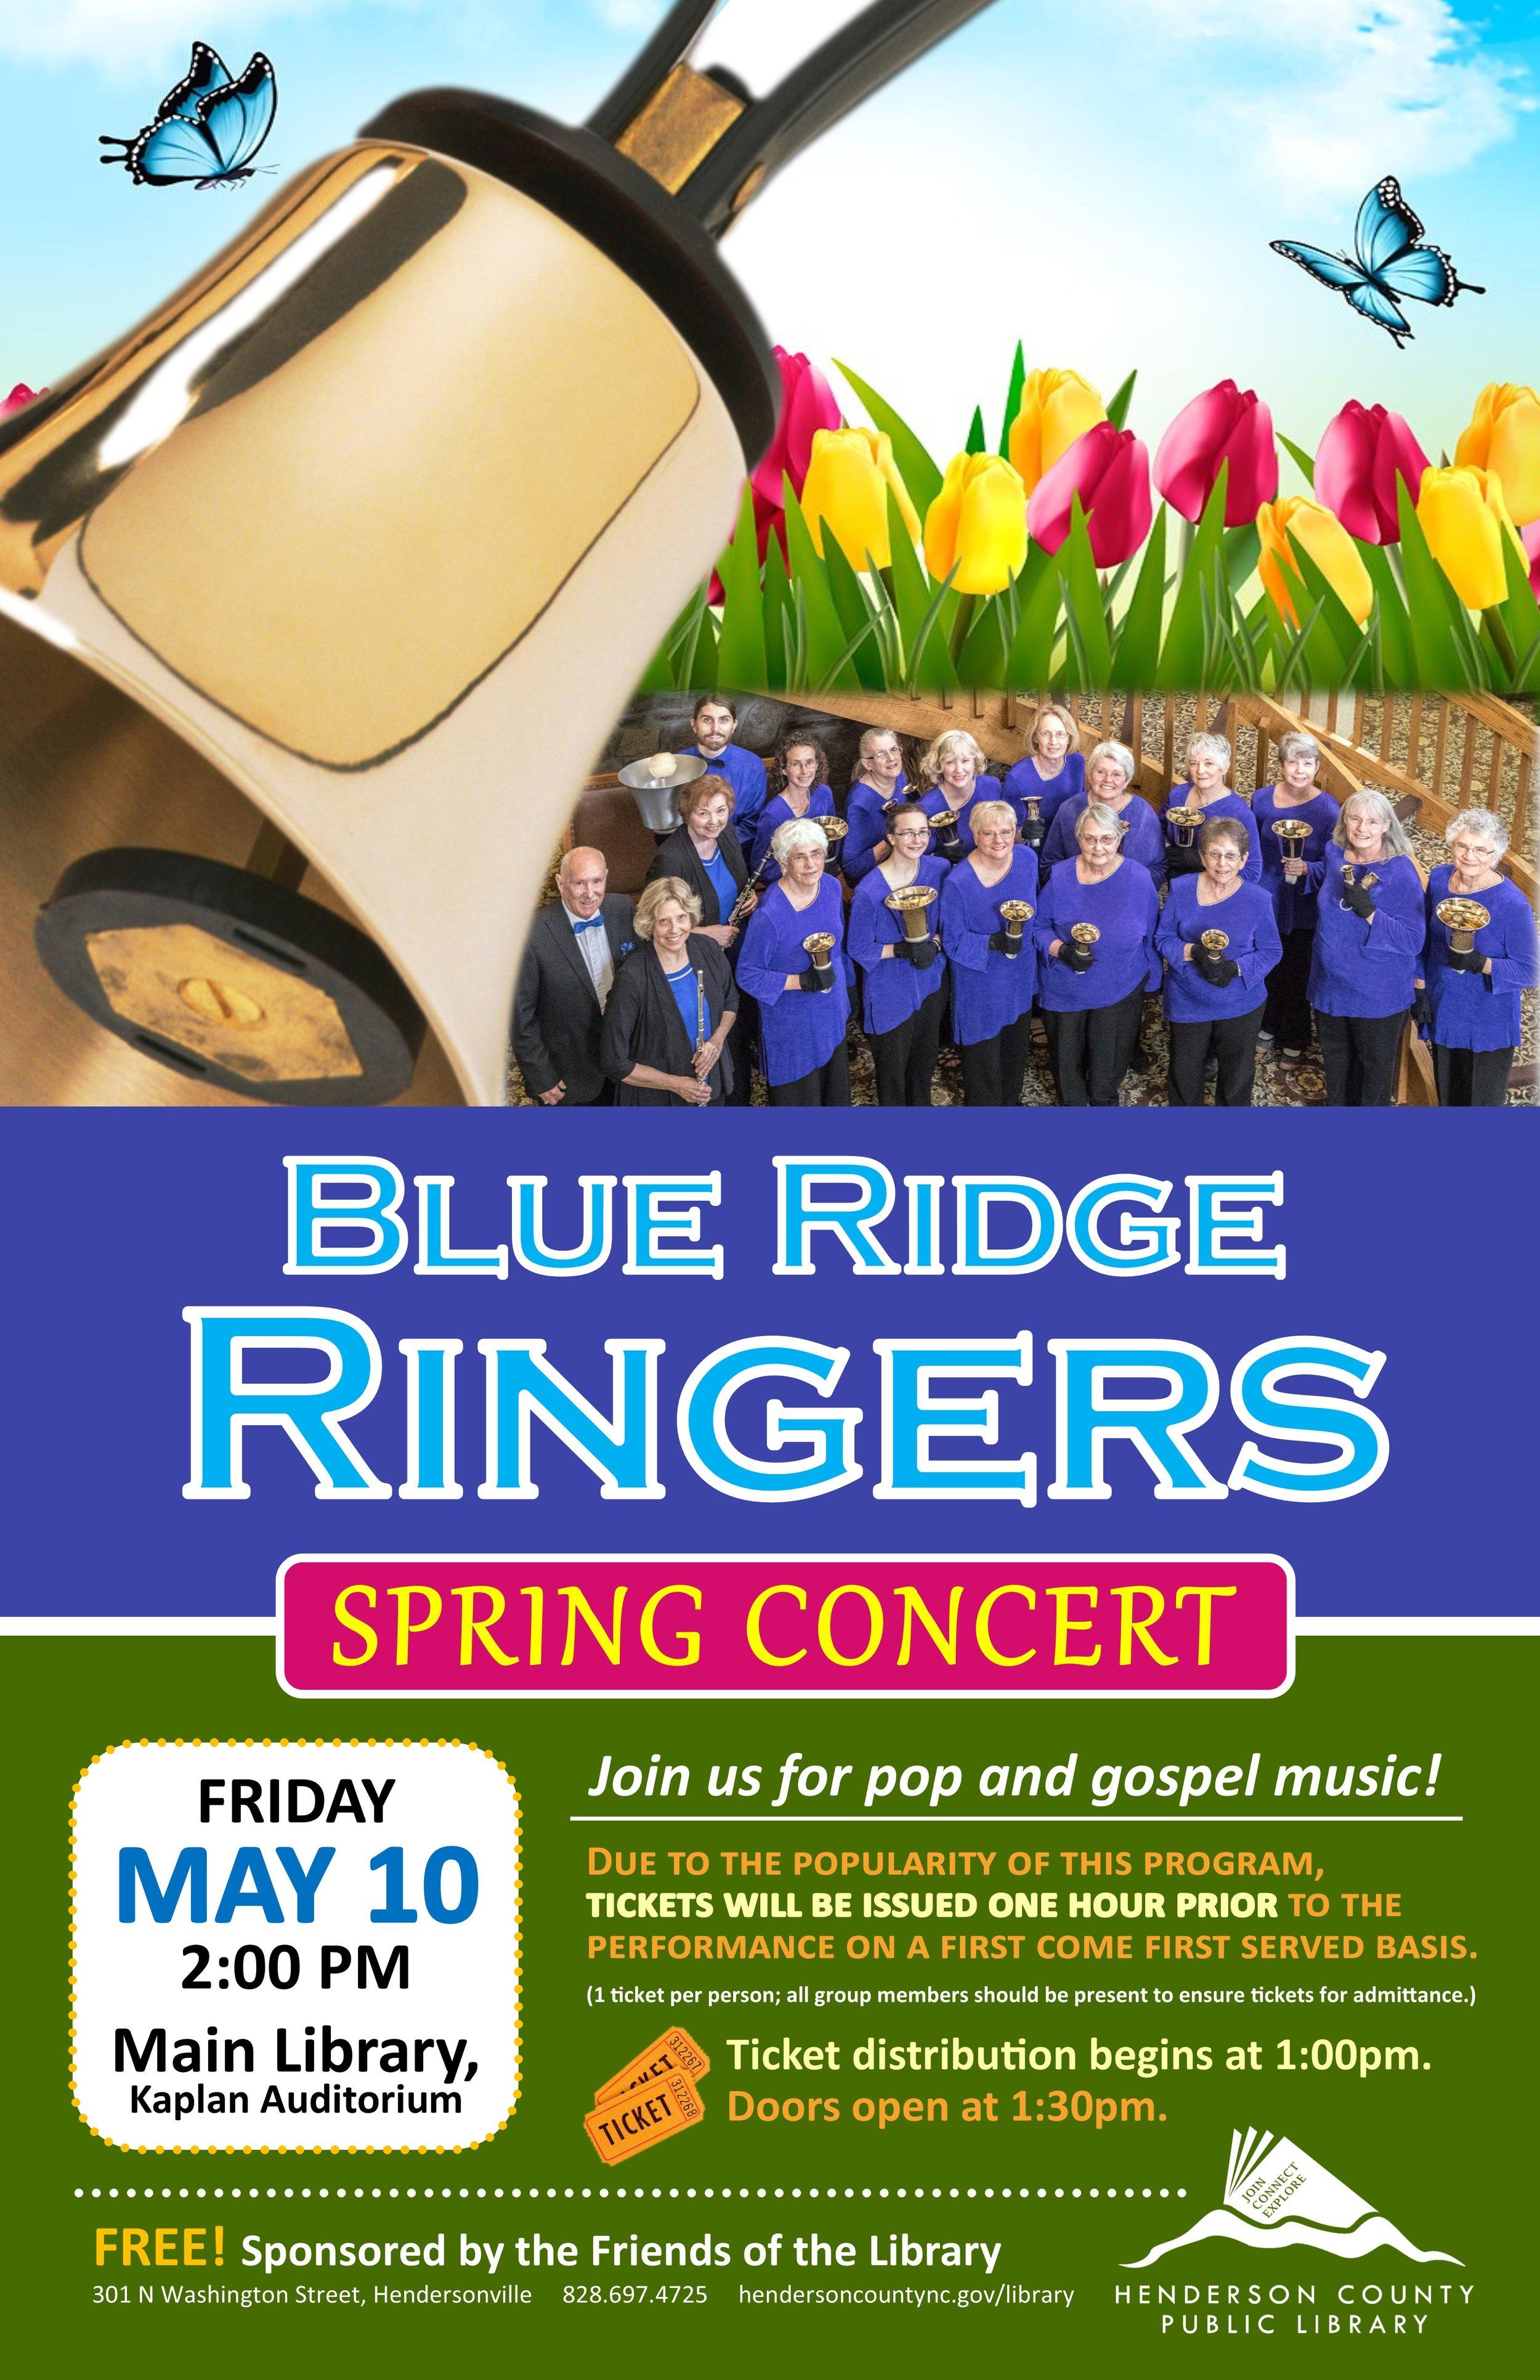 Blue Ridge Ringers Spring Concert.jpg